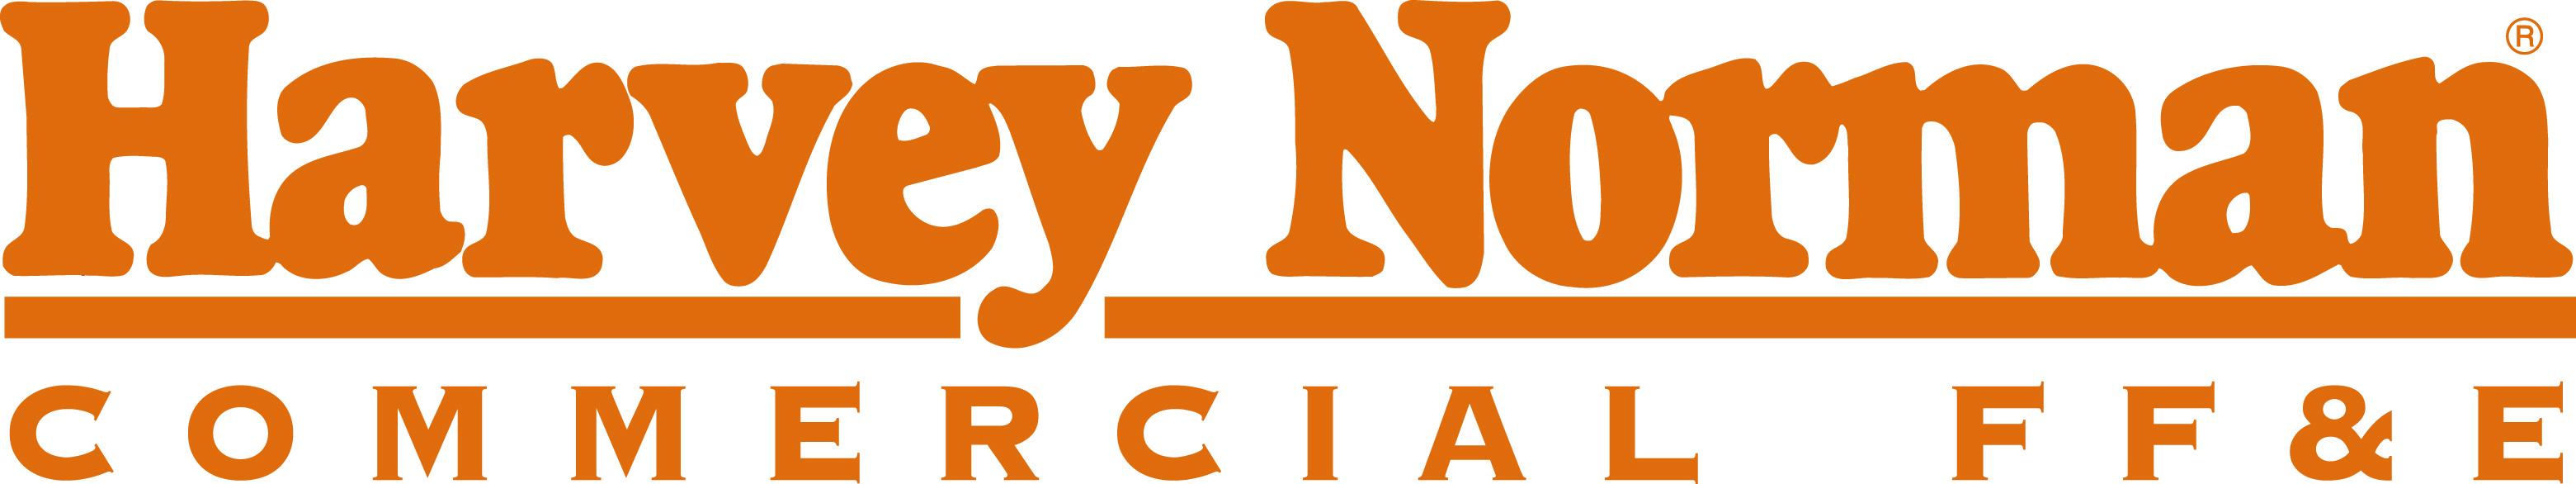 HNC FFE logo black.eps